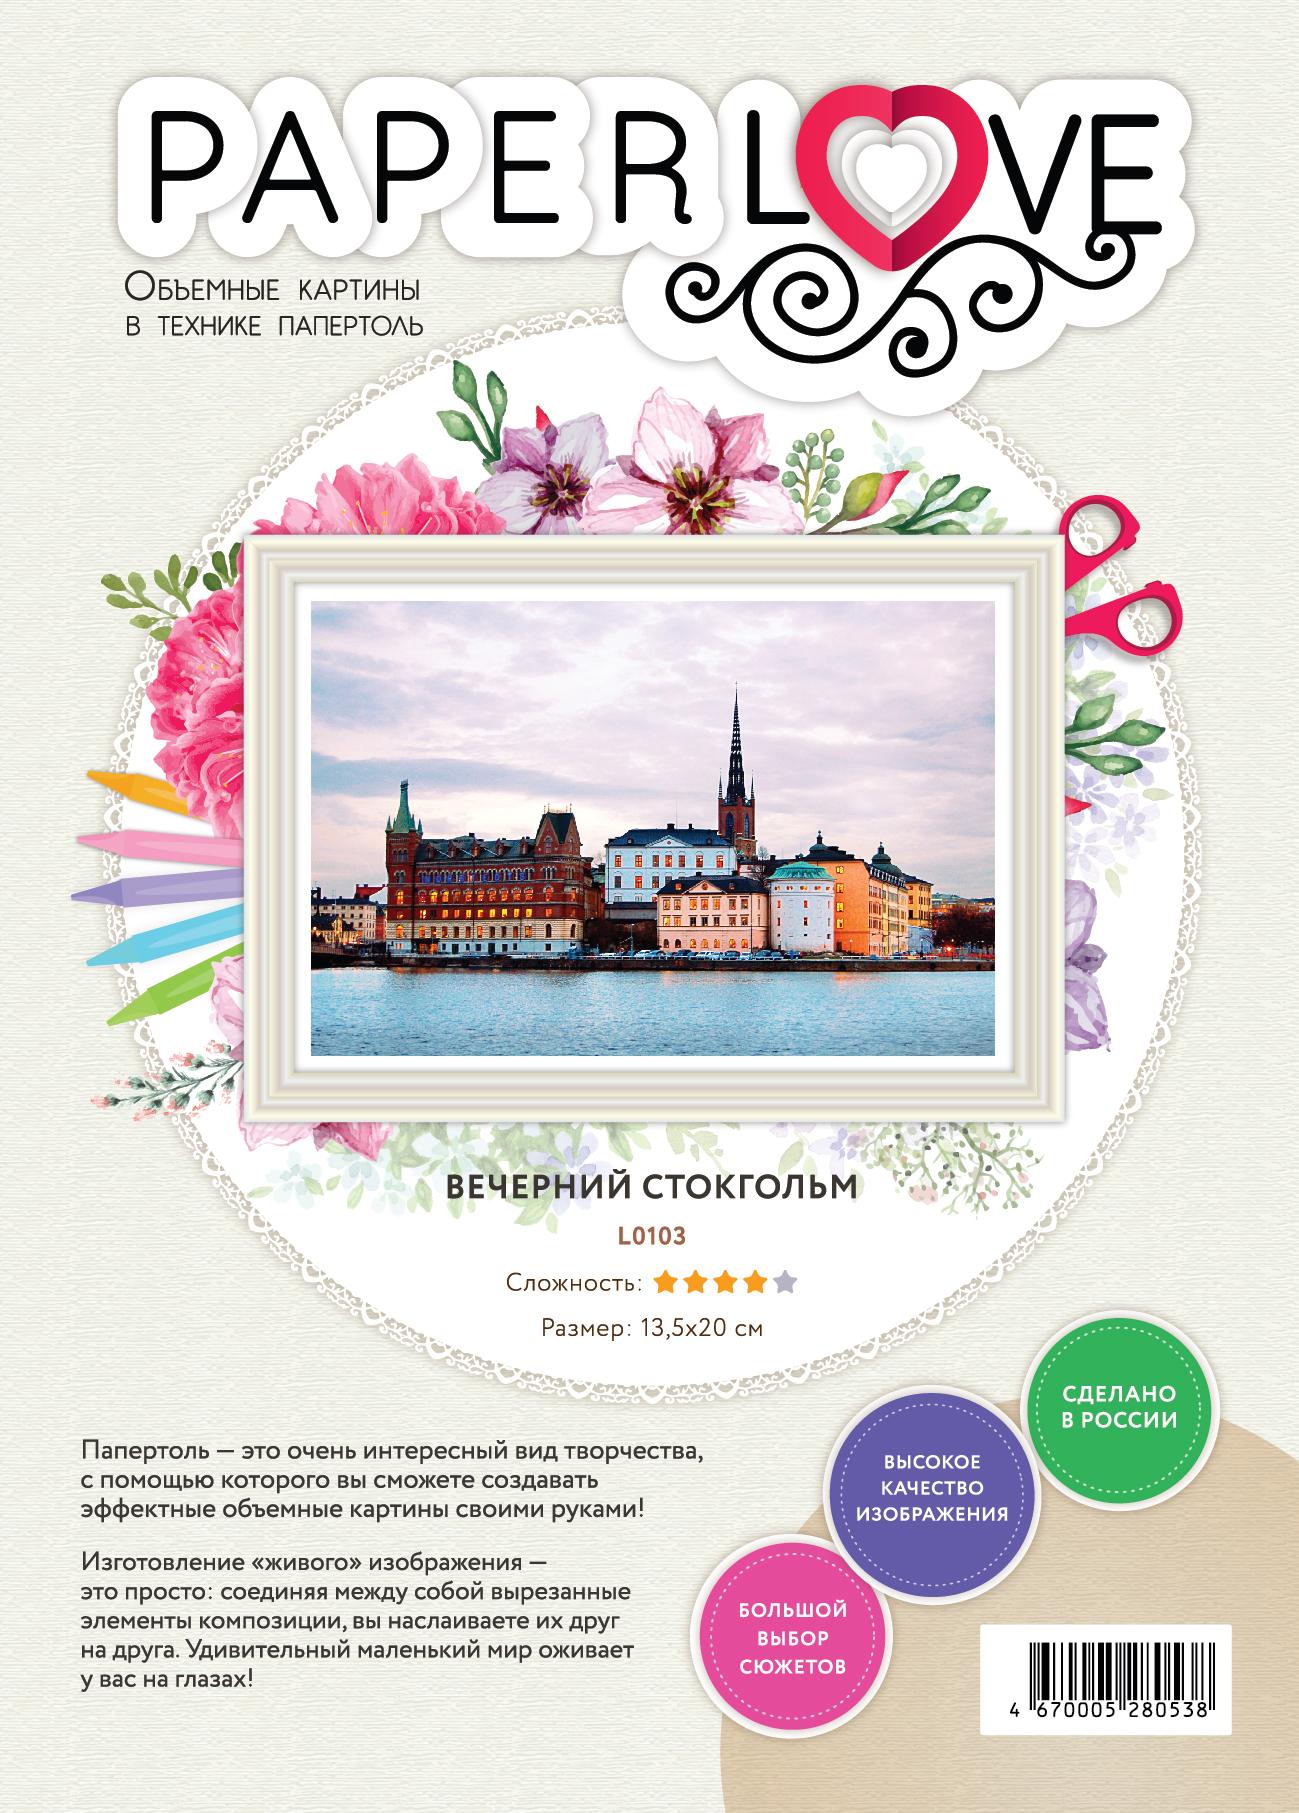 Папертоль Вечерний Стокгольм — фотография обложки.